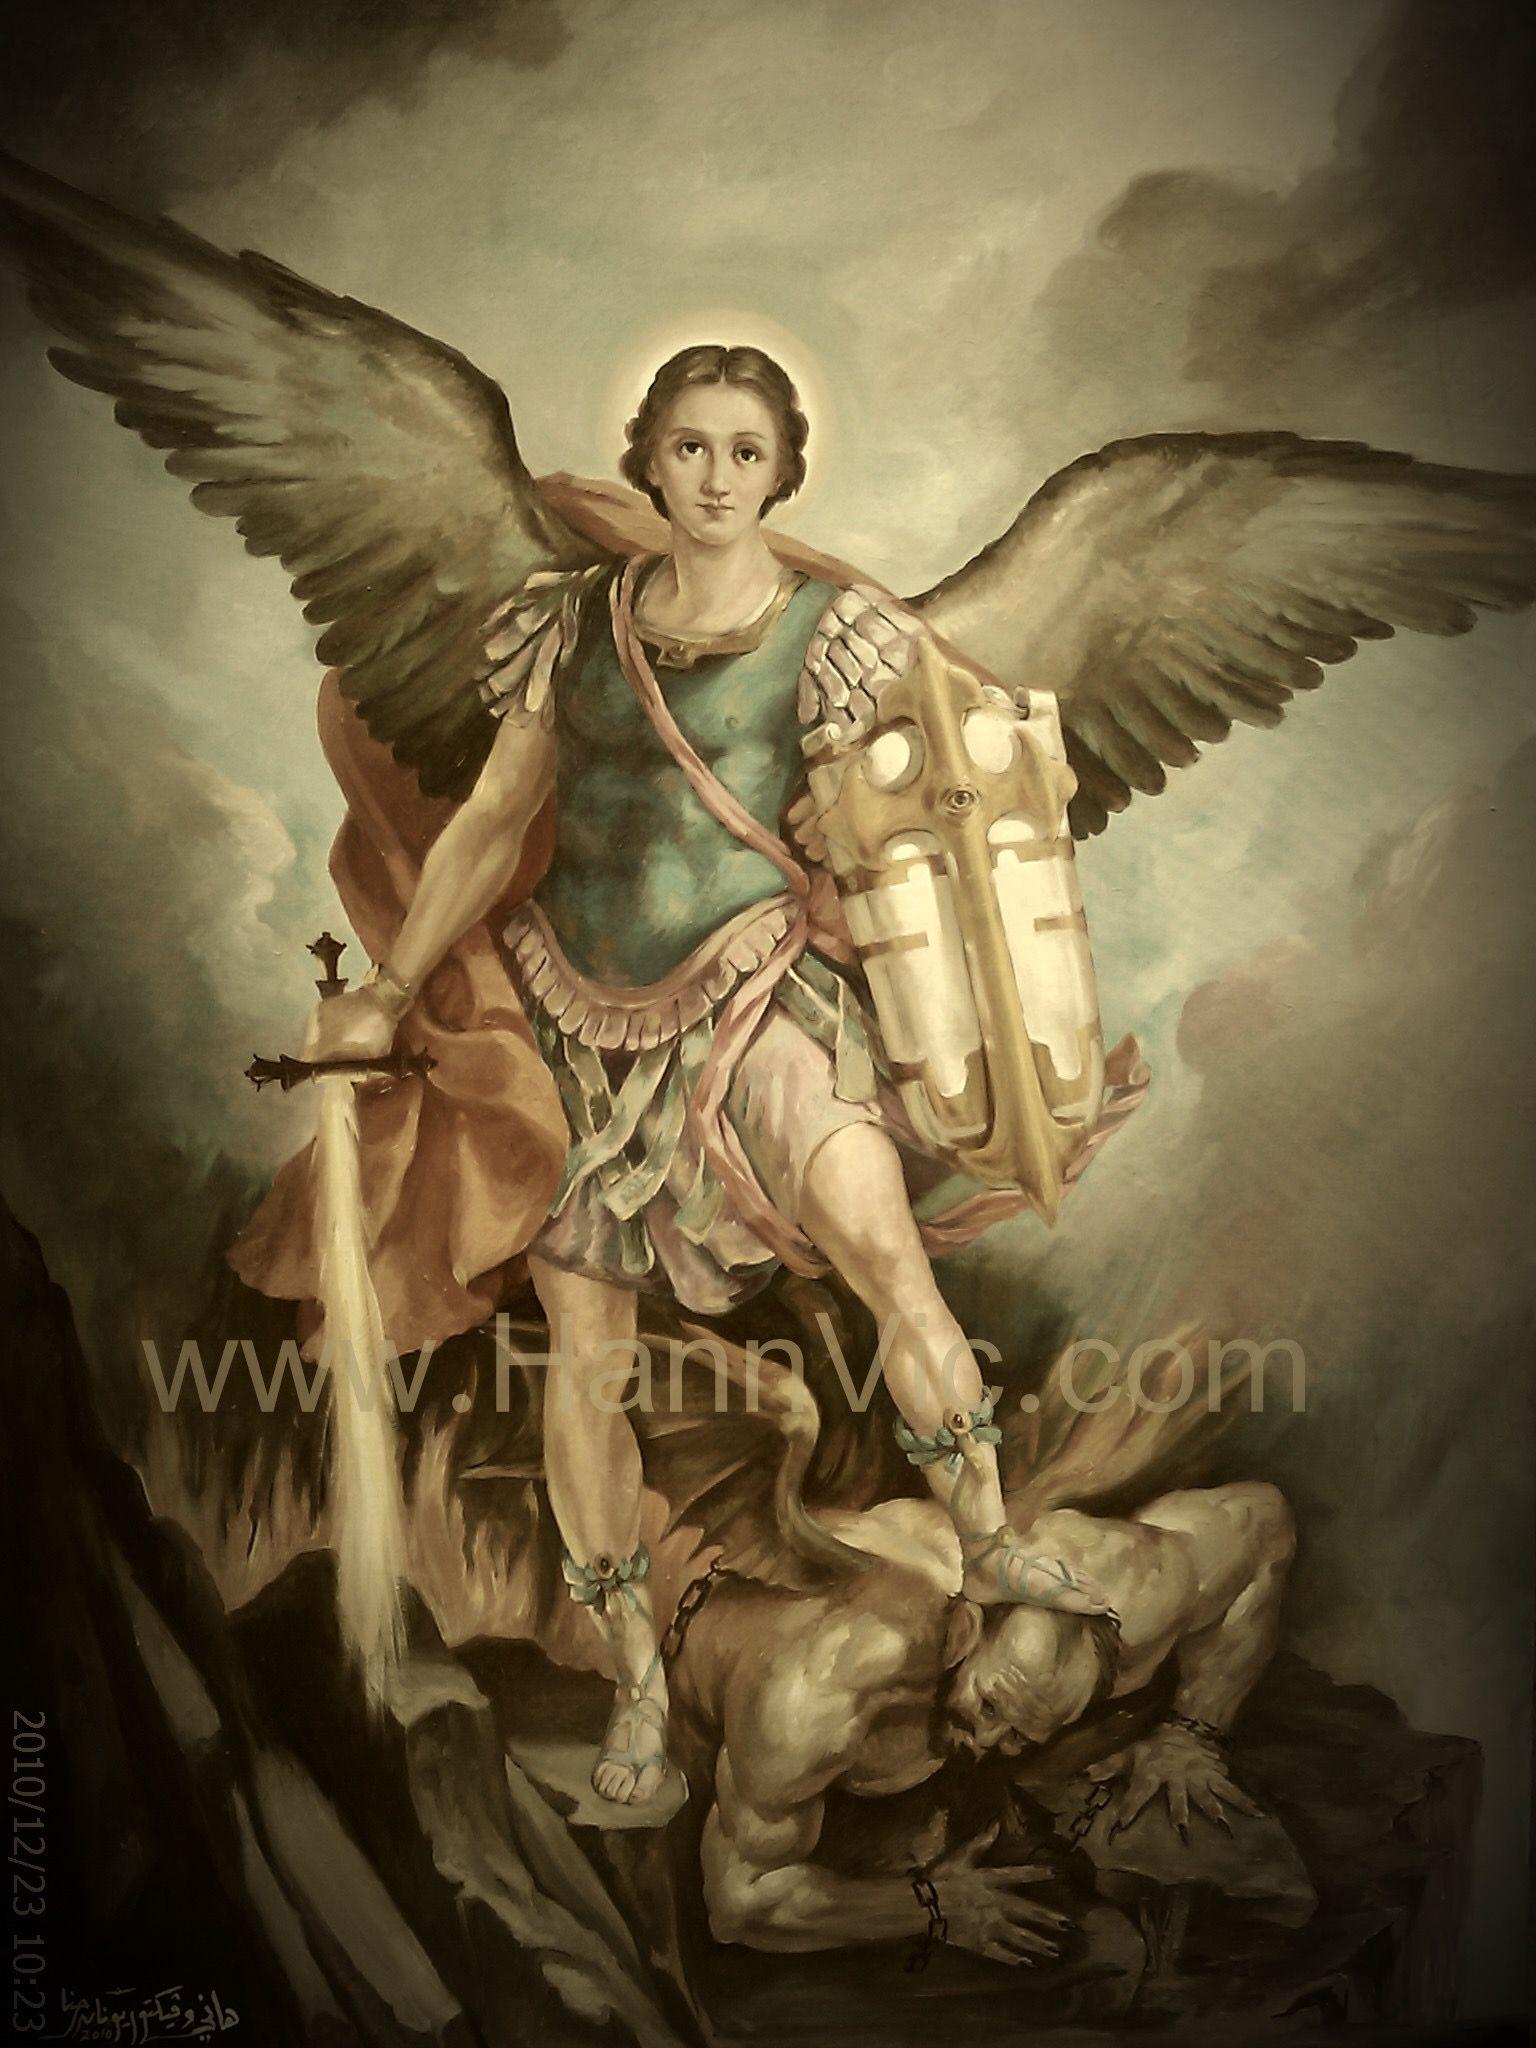 как выглядит архангел михаил фото ласточка